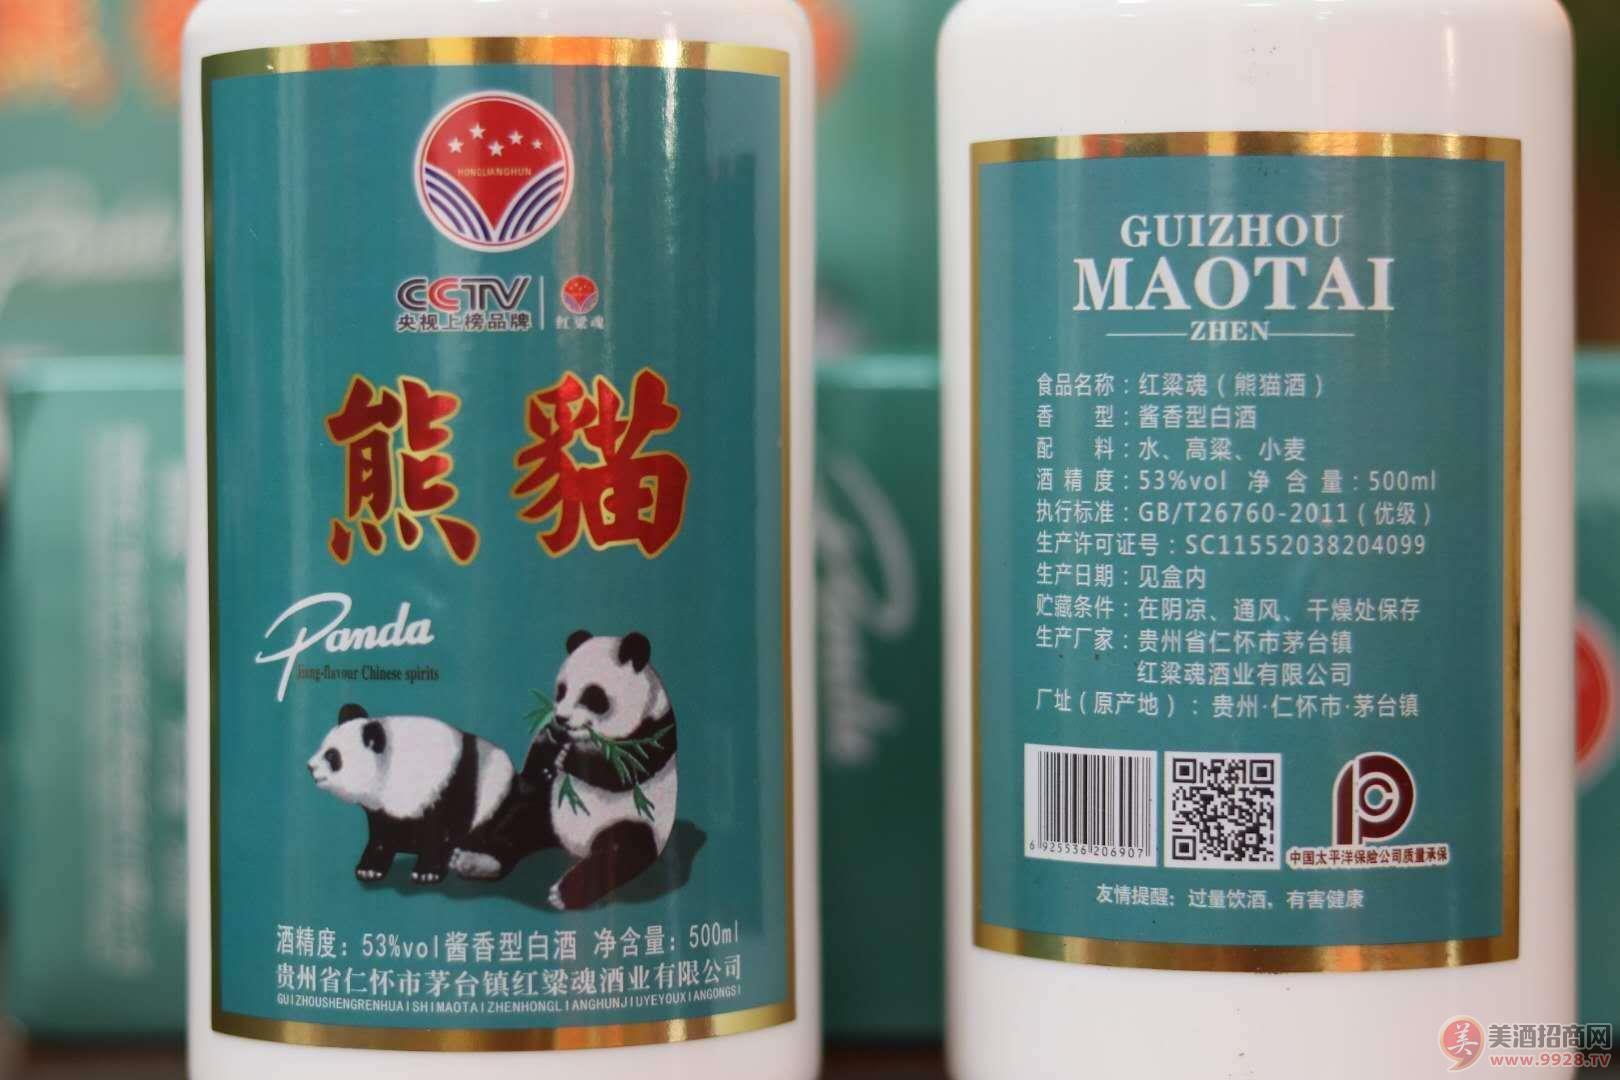 红梁魂熊猫酒